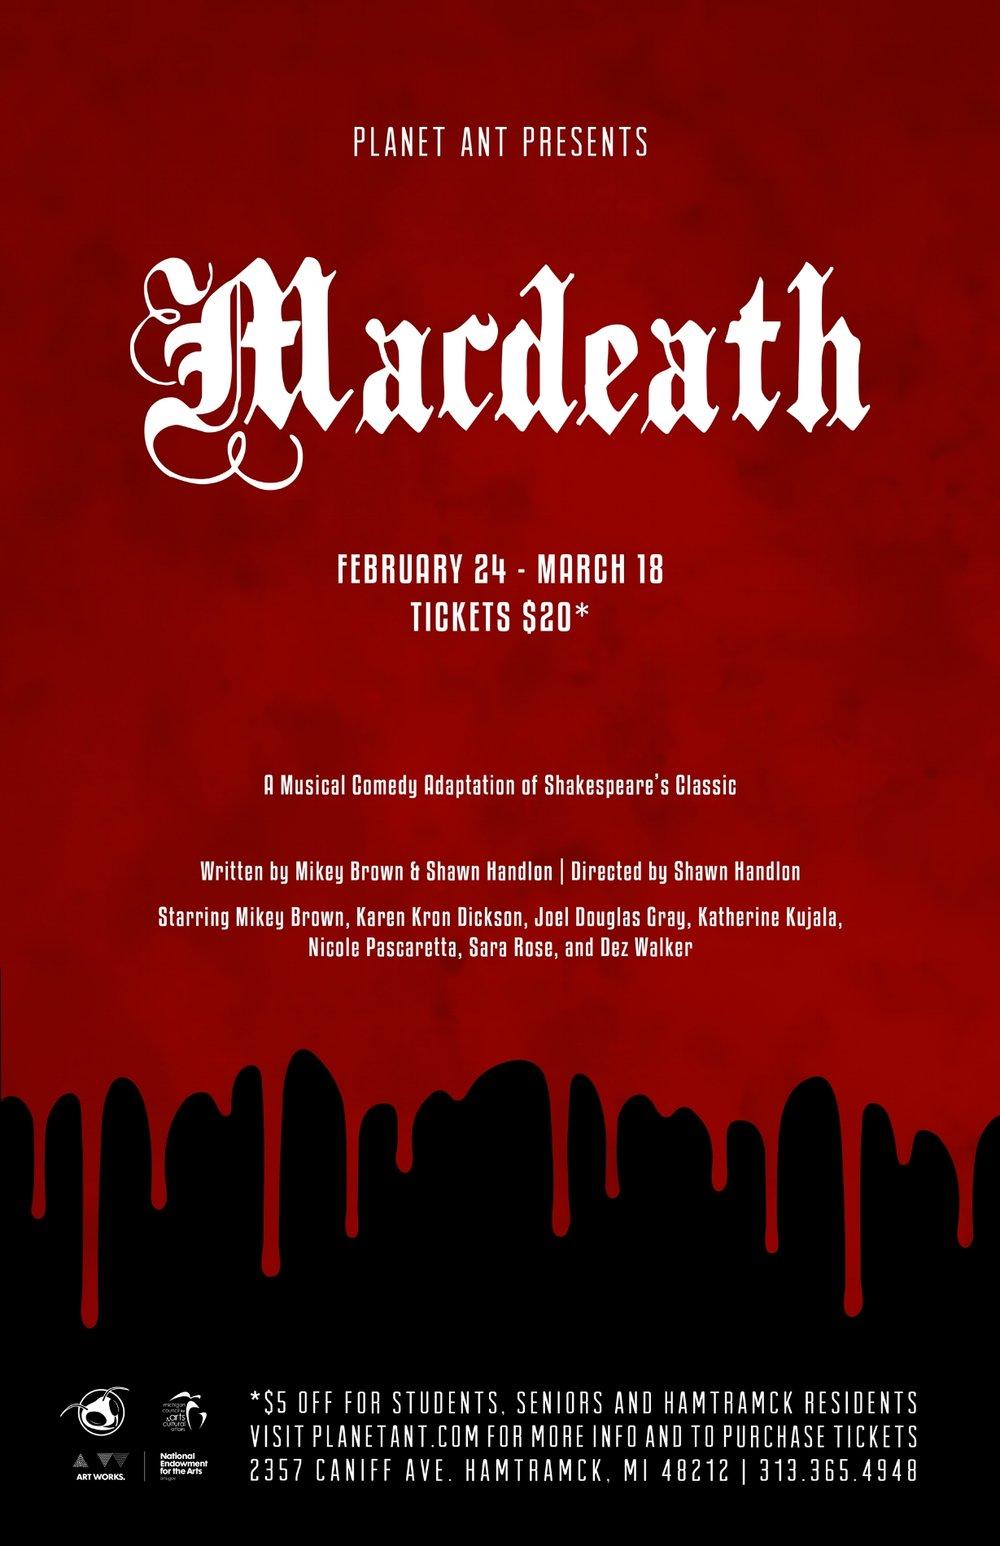 Macdeath Poster